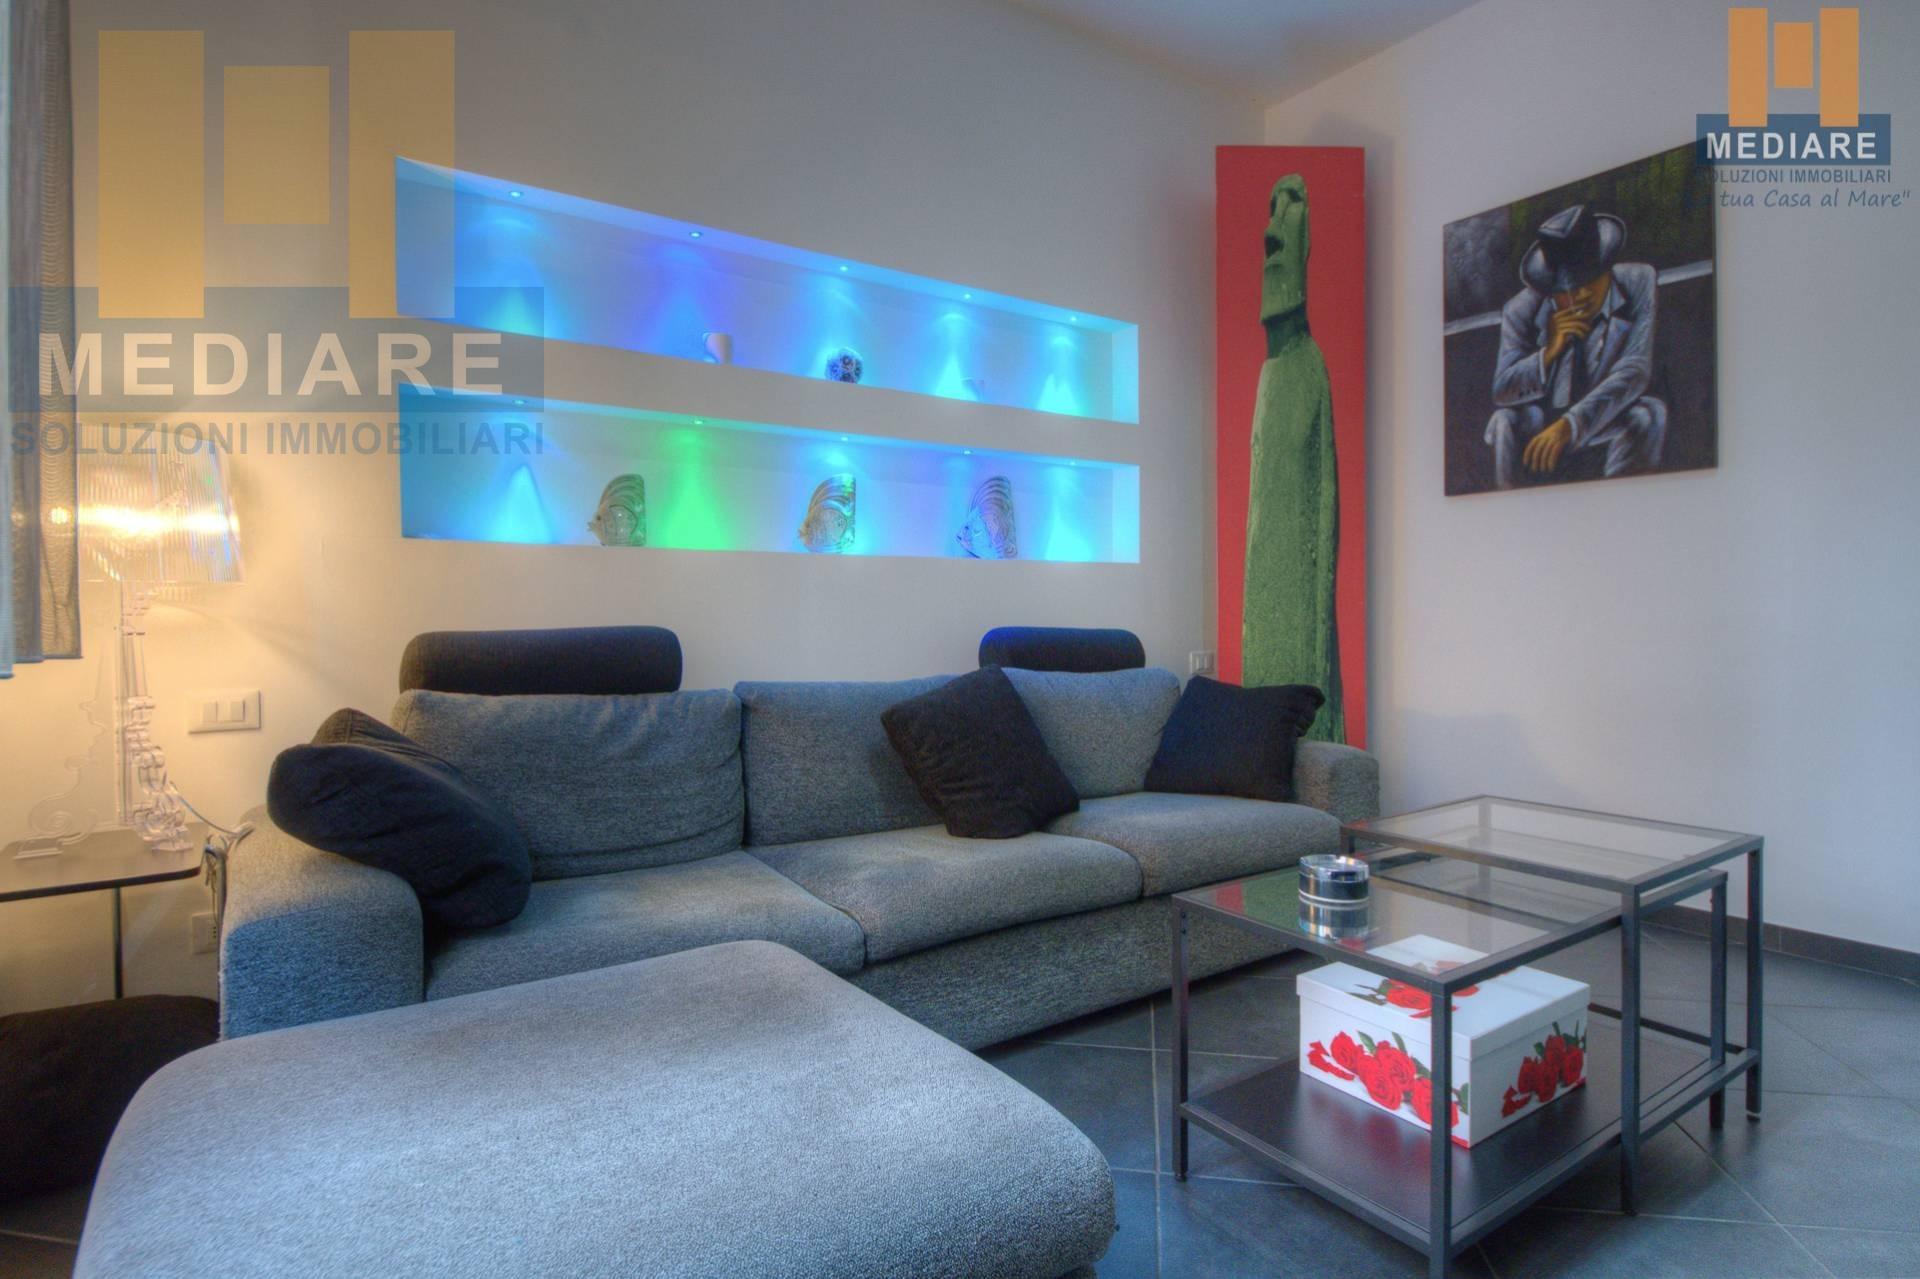 Appartamento in vendita a Finale Ligure, 3 locali, zona Località: FinalePia, prezzo € 345.000 | CambioCasa.it